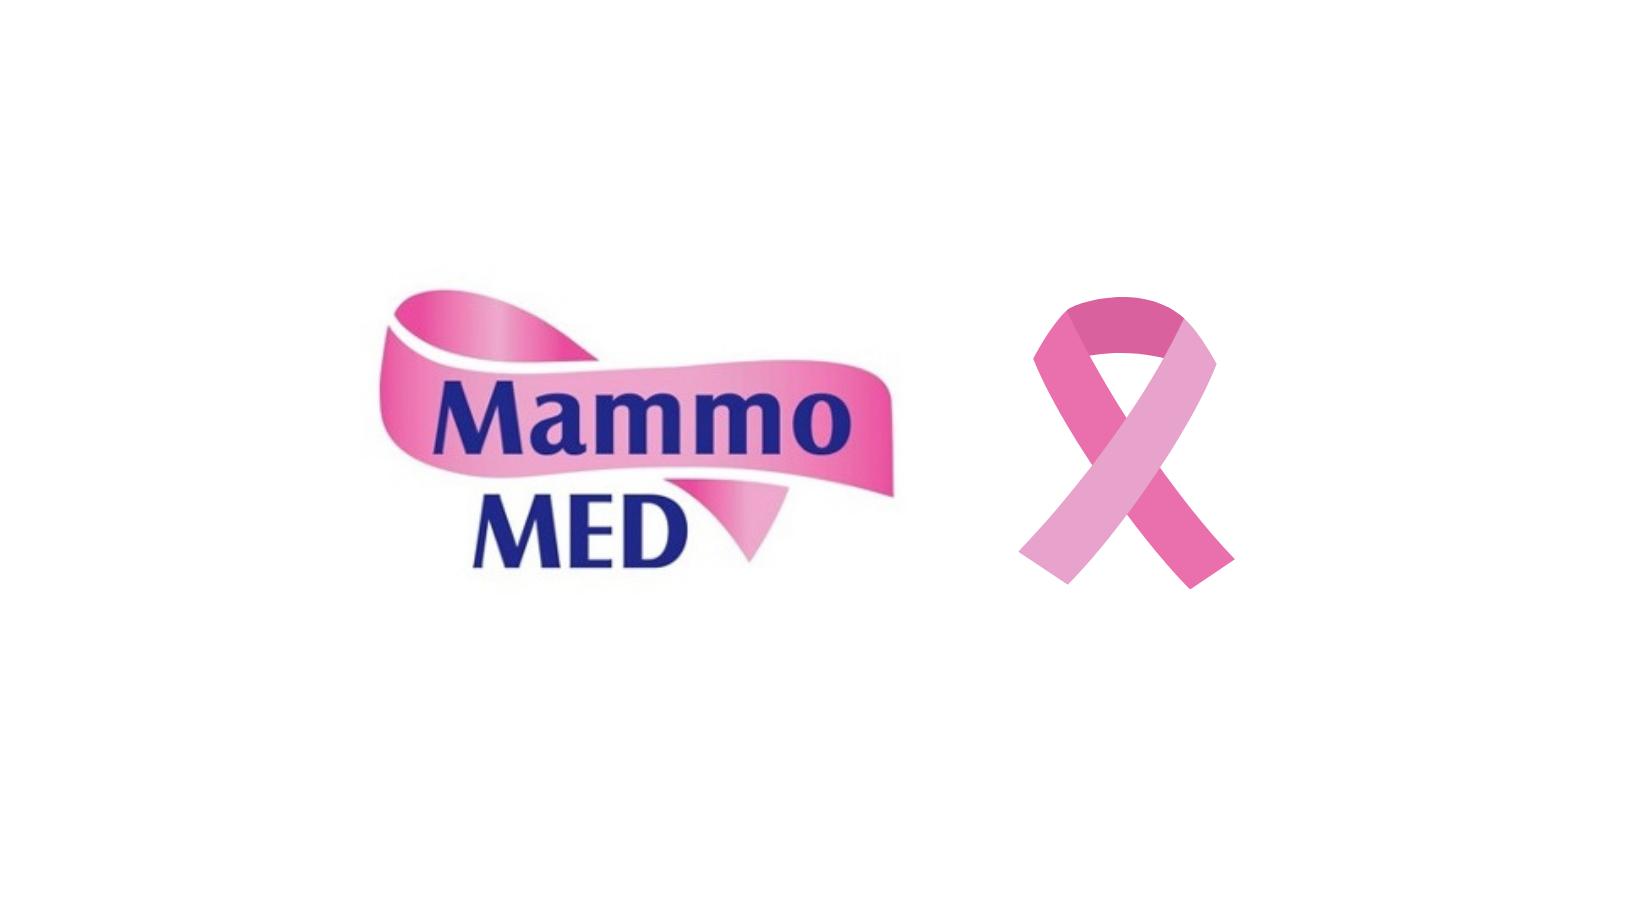 promocja mammografii - mammo med